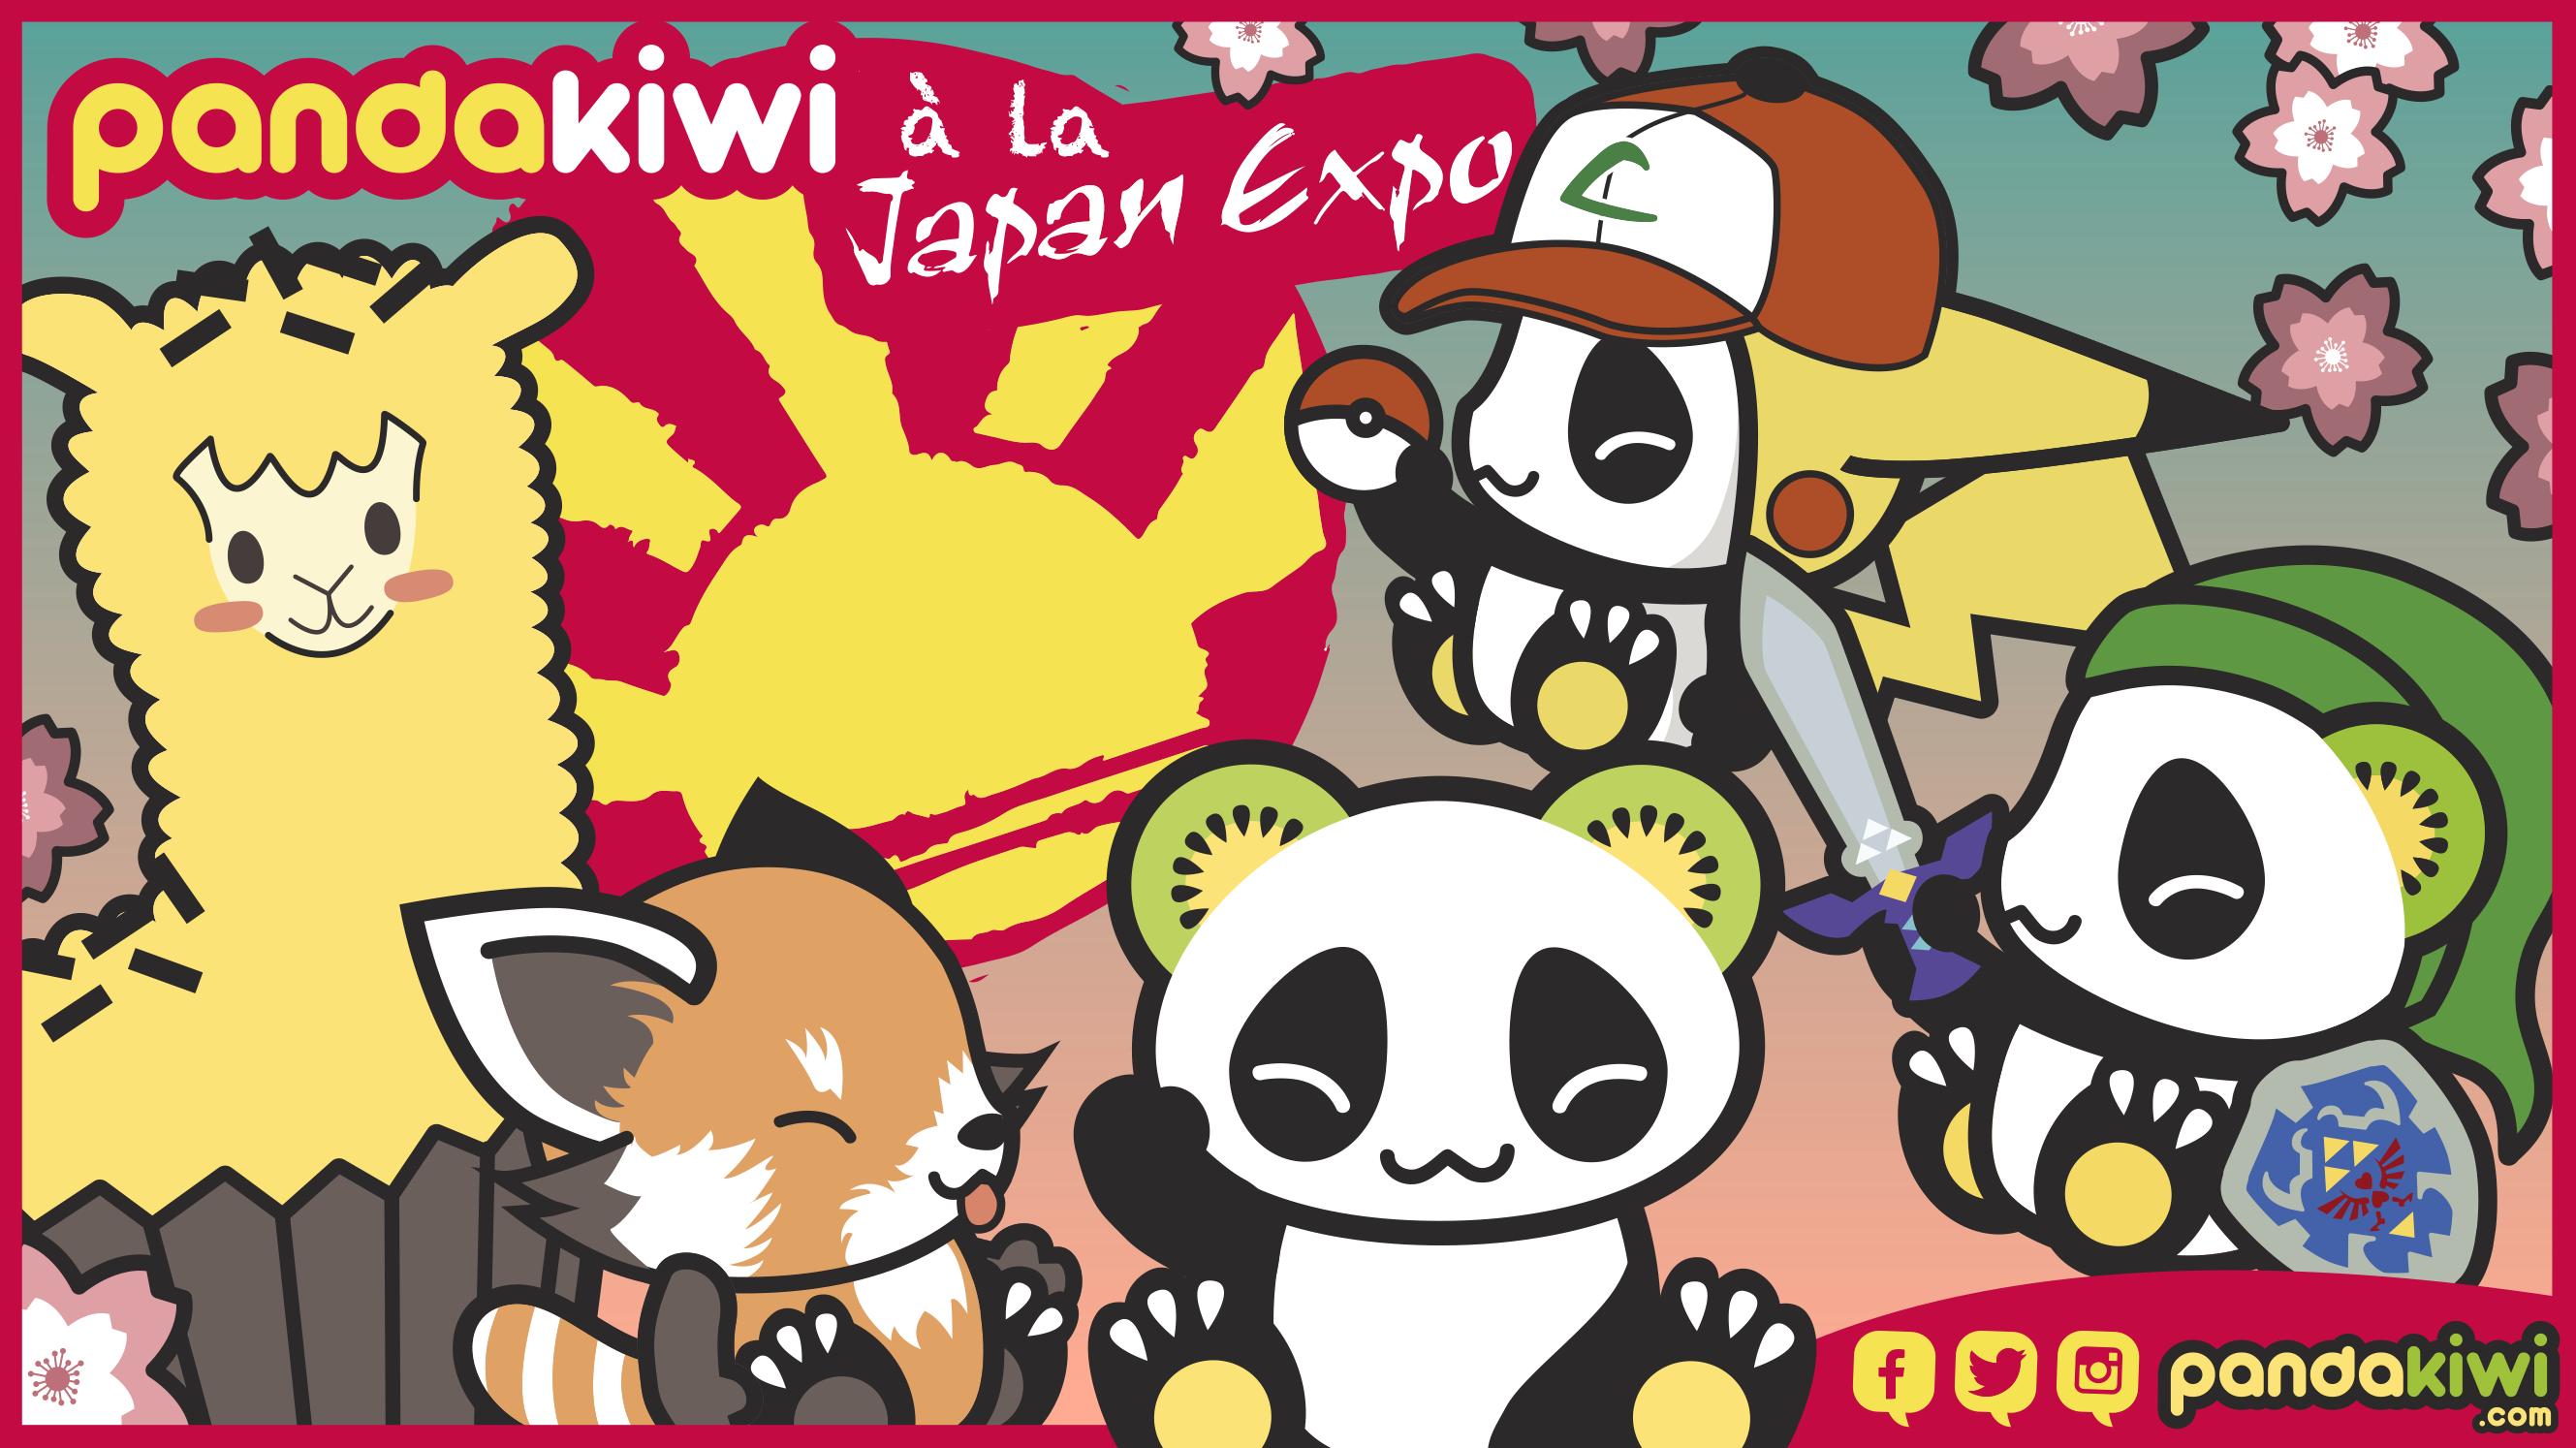 Image Pandakiwi à la Japan Expo